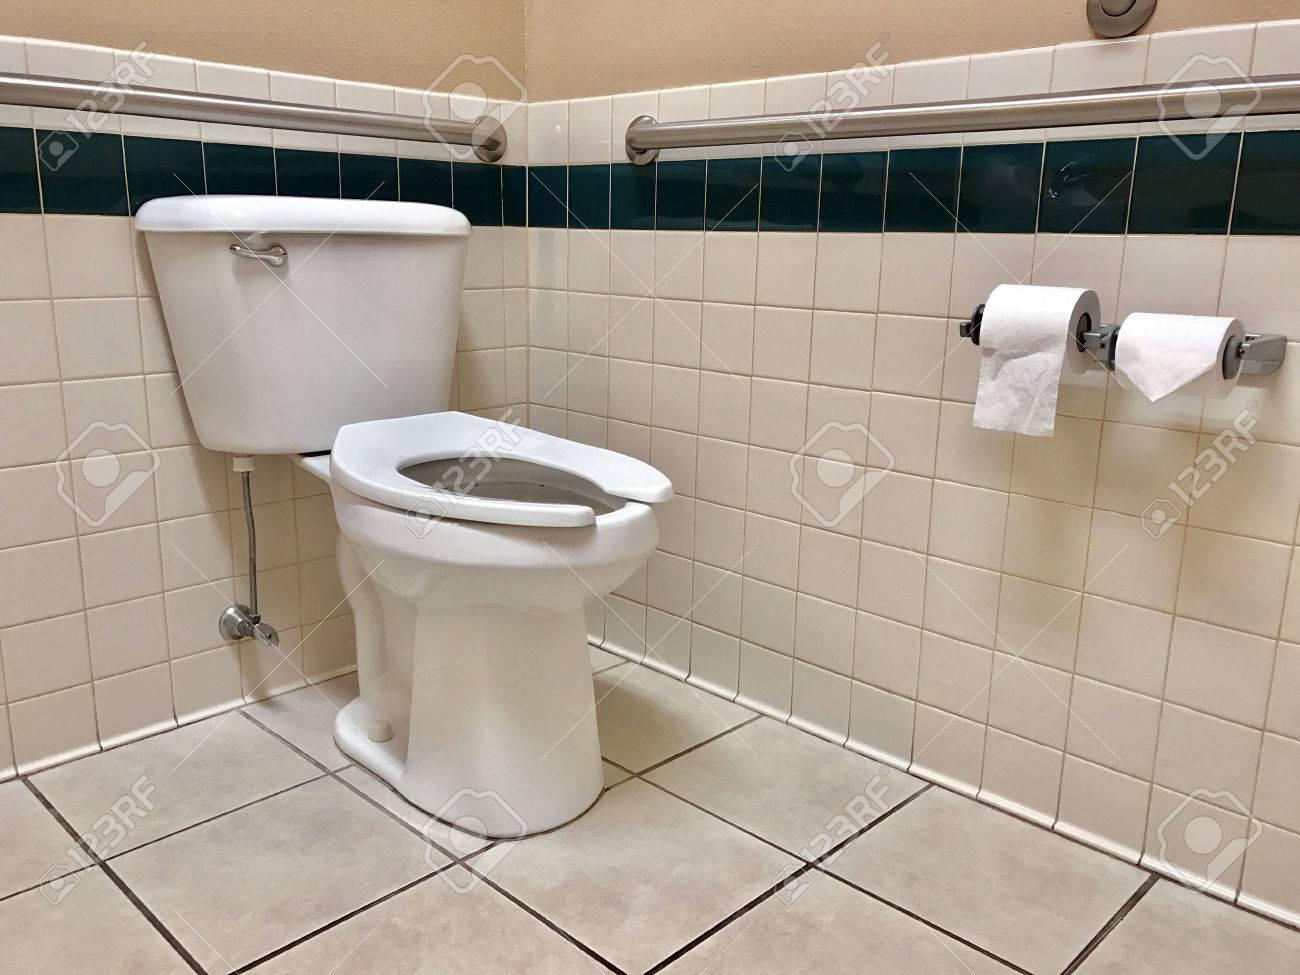 Barres D Appui Main Courante Dans Une Salle De Bain Pour Handicapes